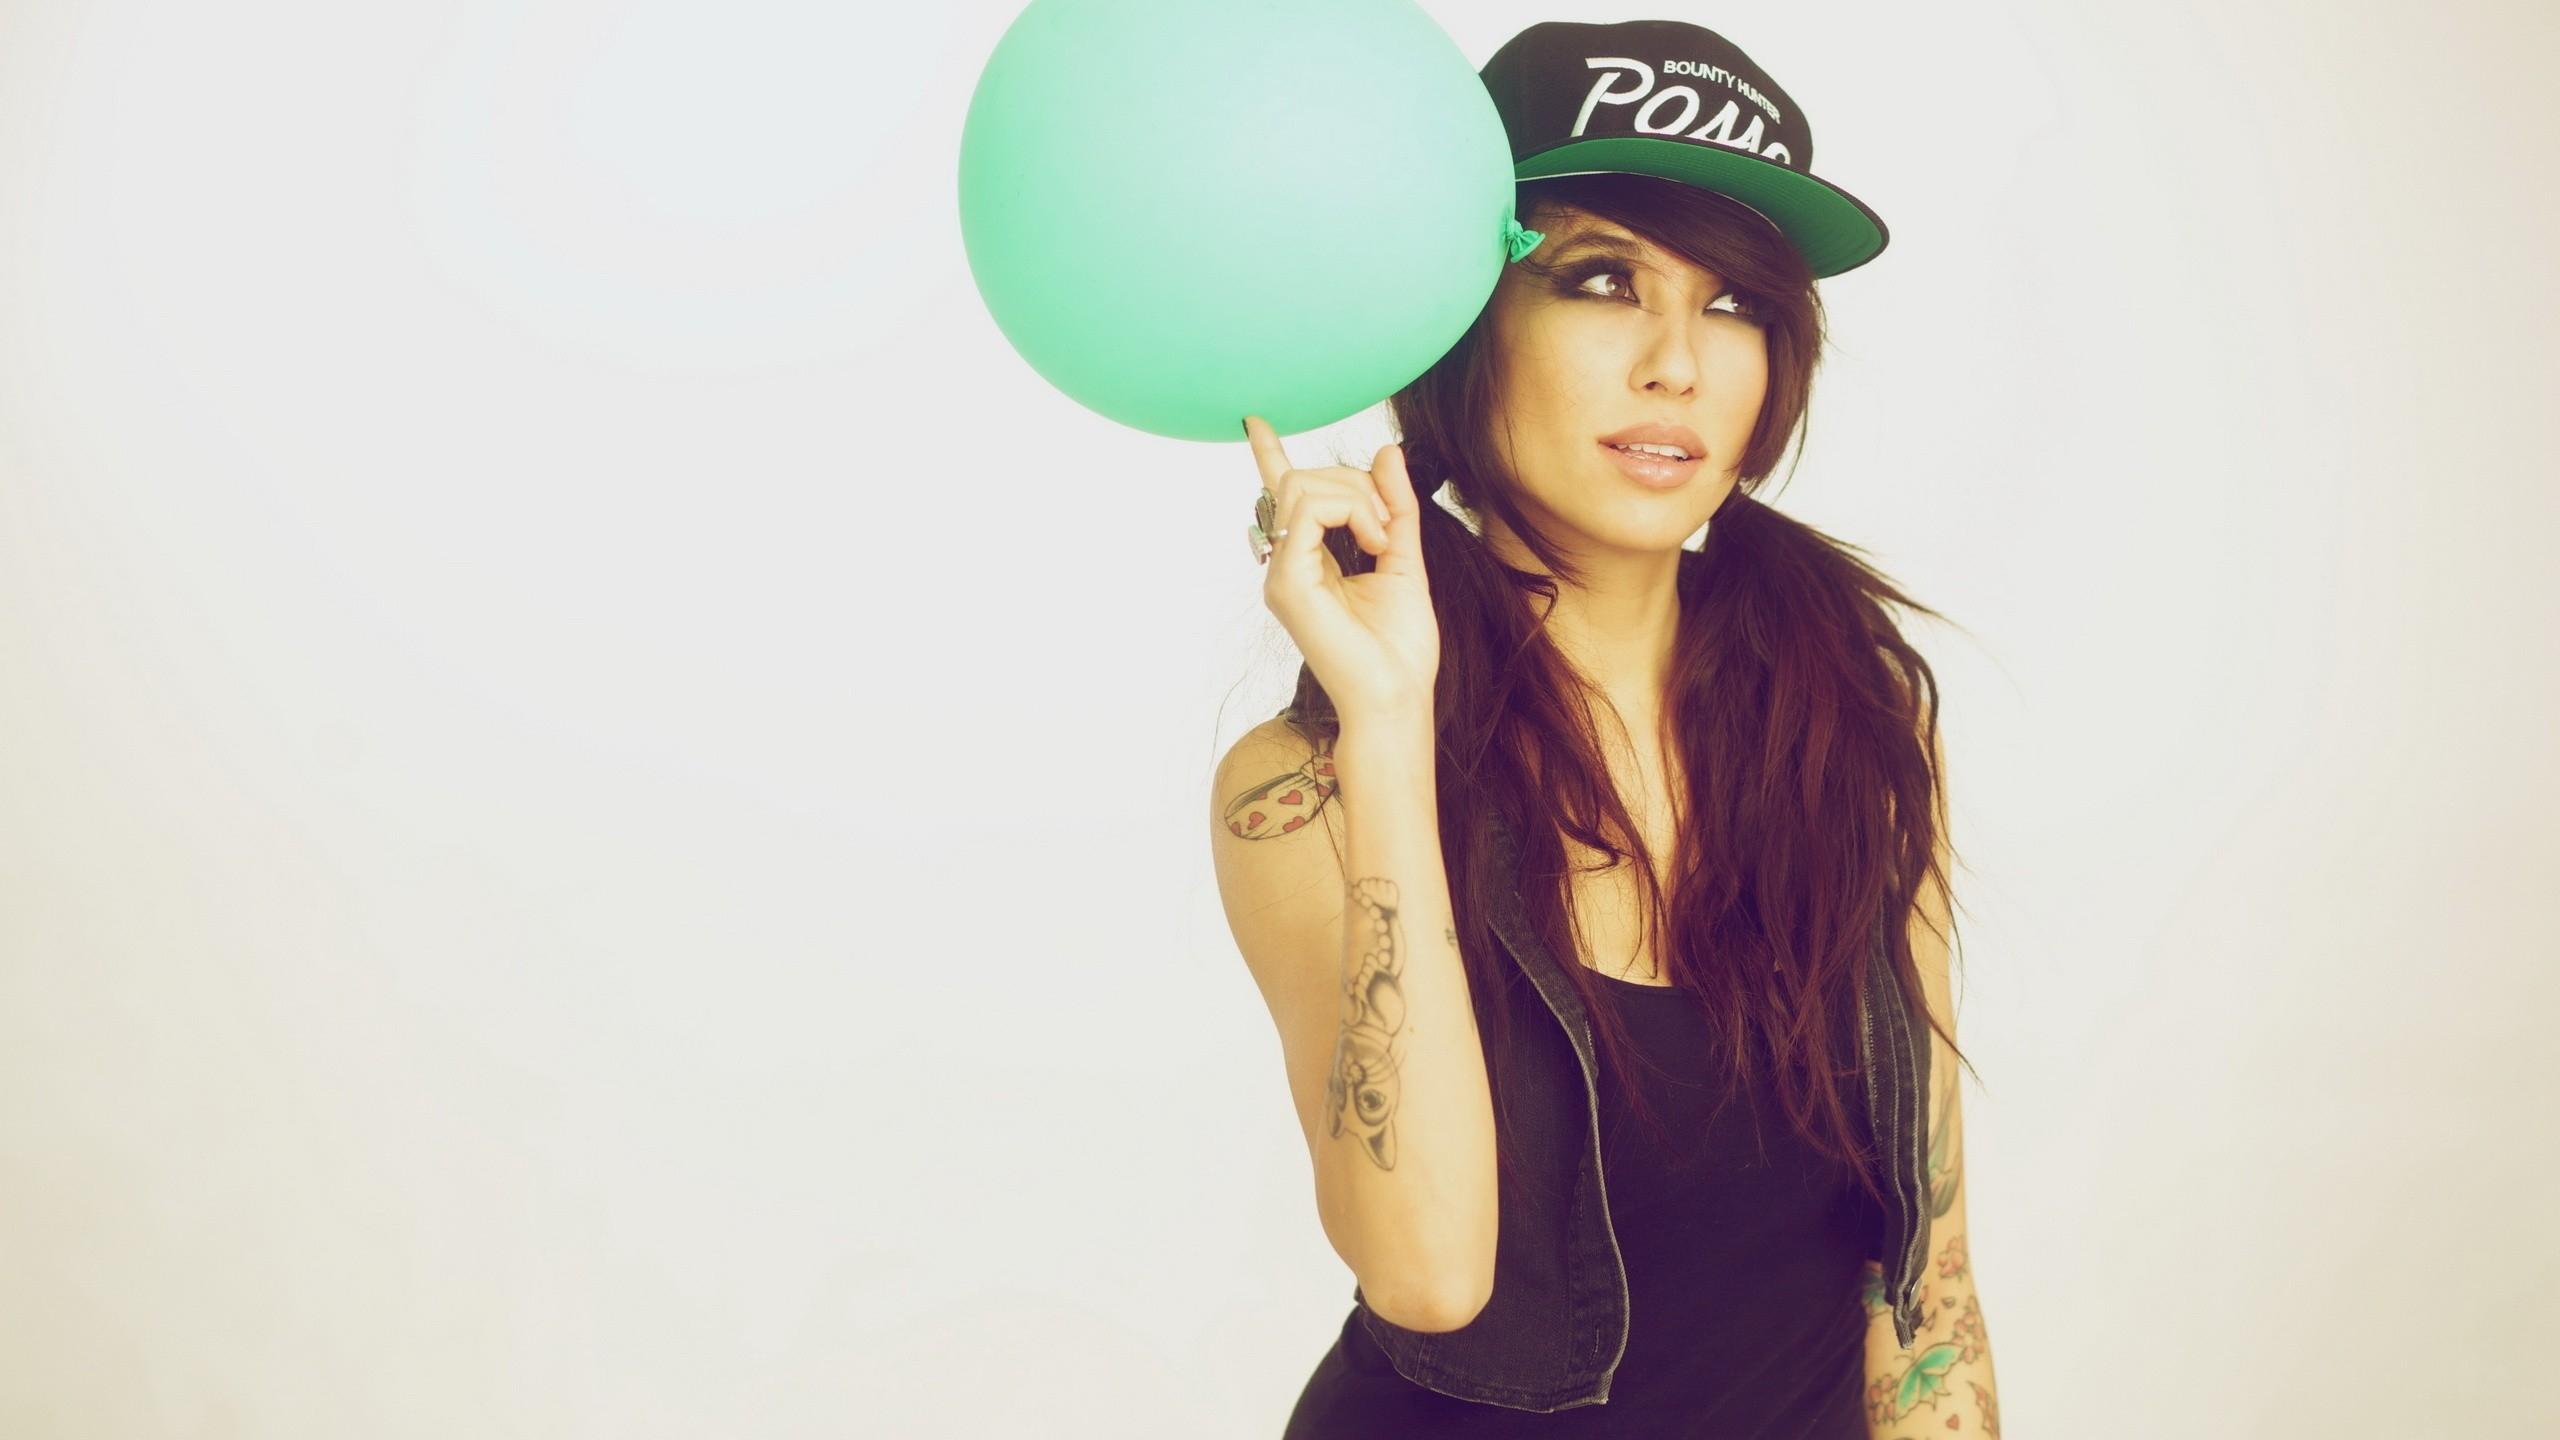 Wallpaper  brunette, girl, balloon, hat, tattoos, swag